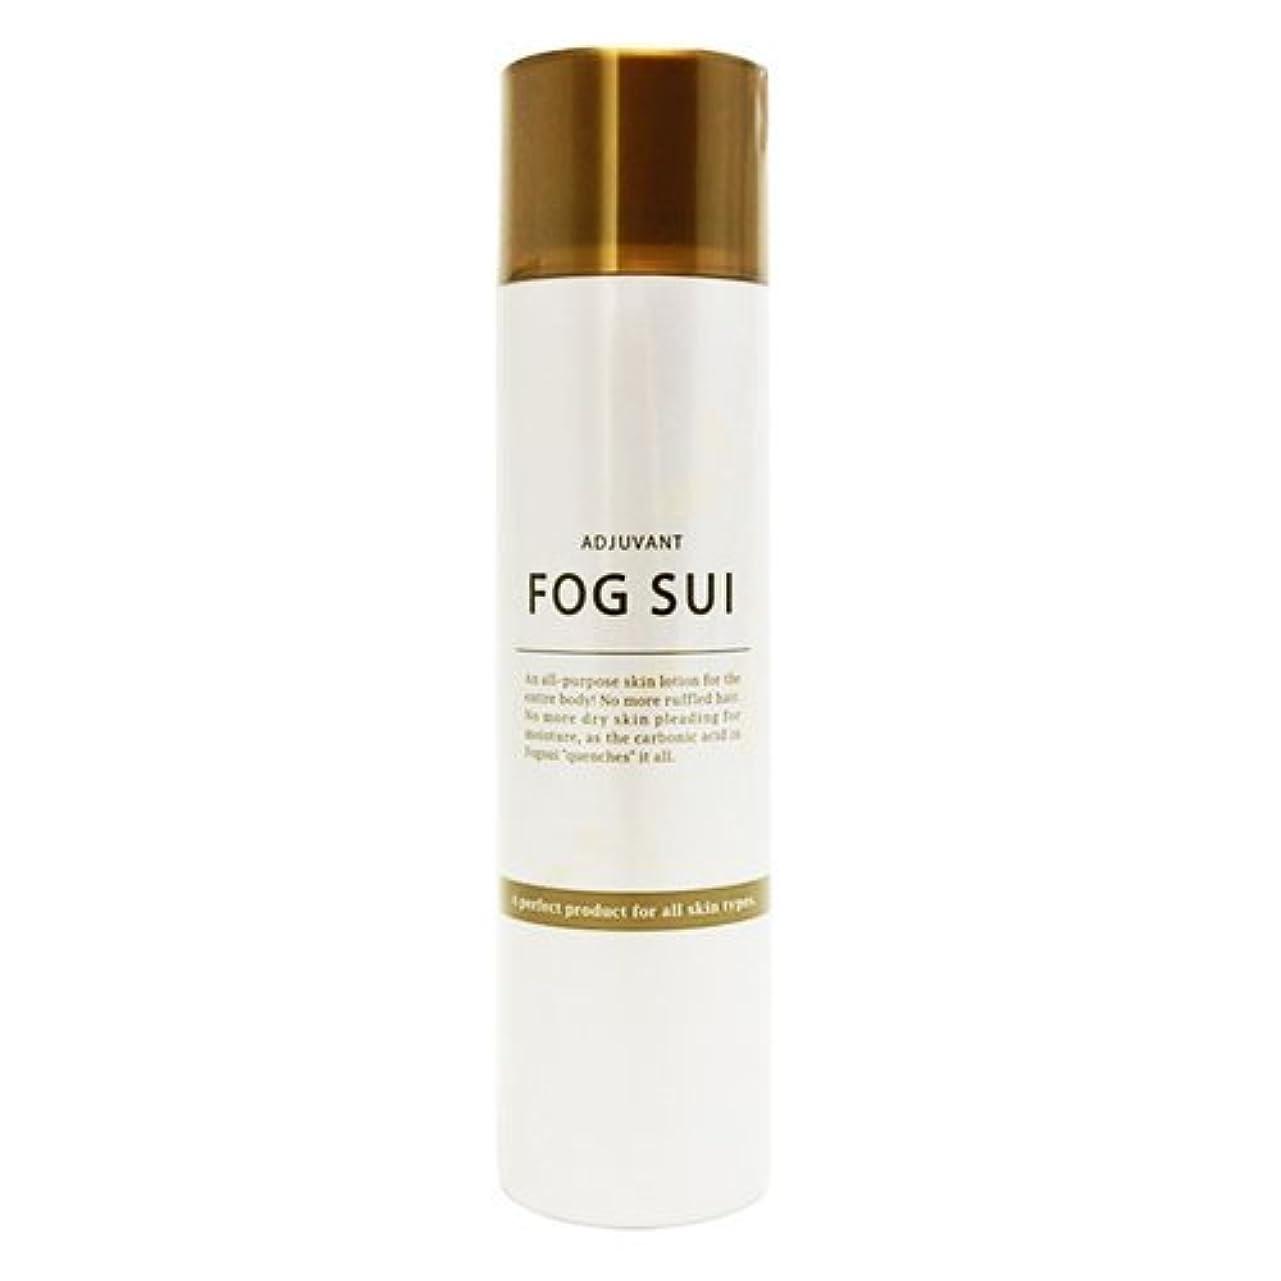 強風散文水没アジュバン フォグスイ 【全身用化粧水】 FOGSUI  120g